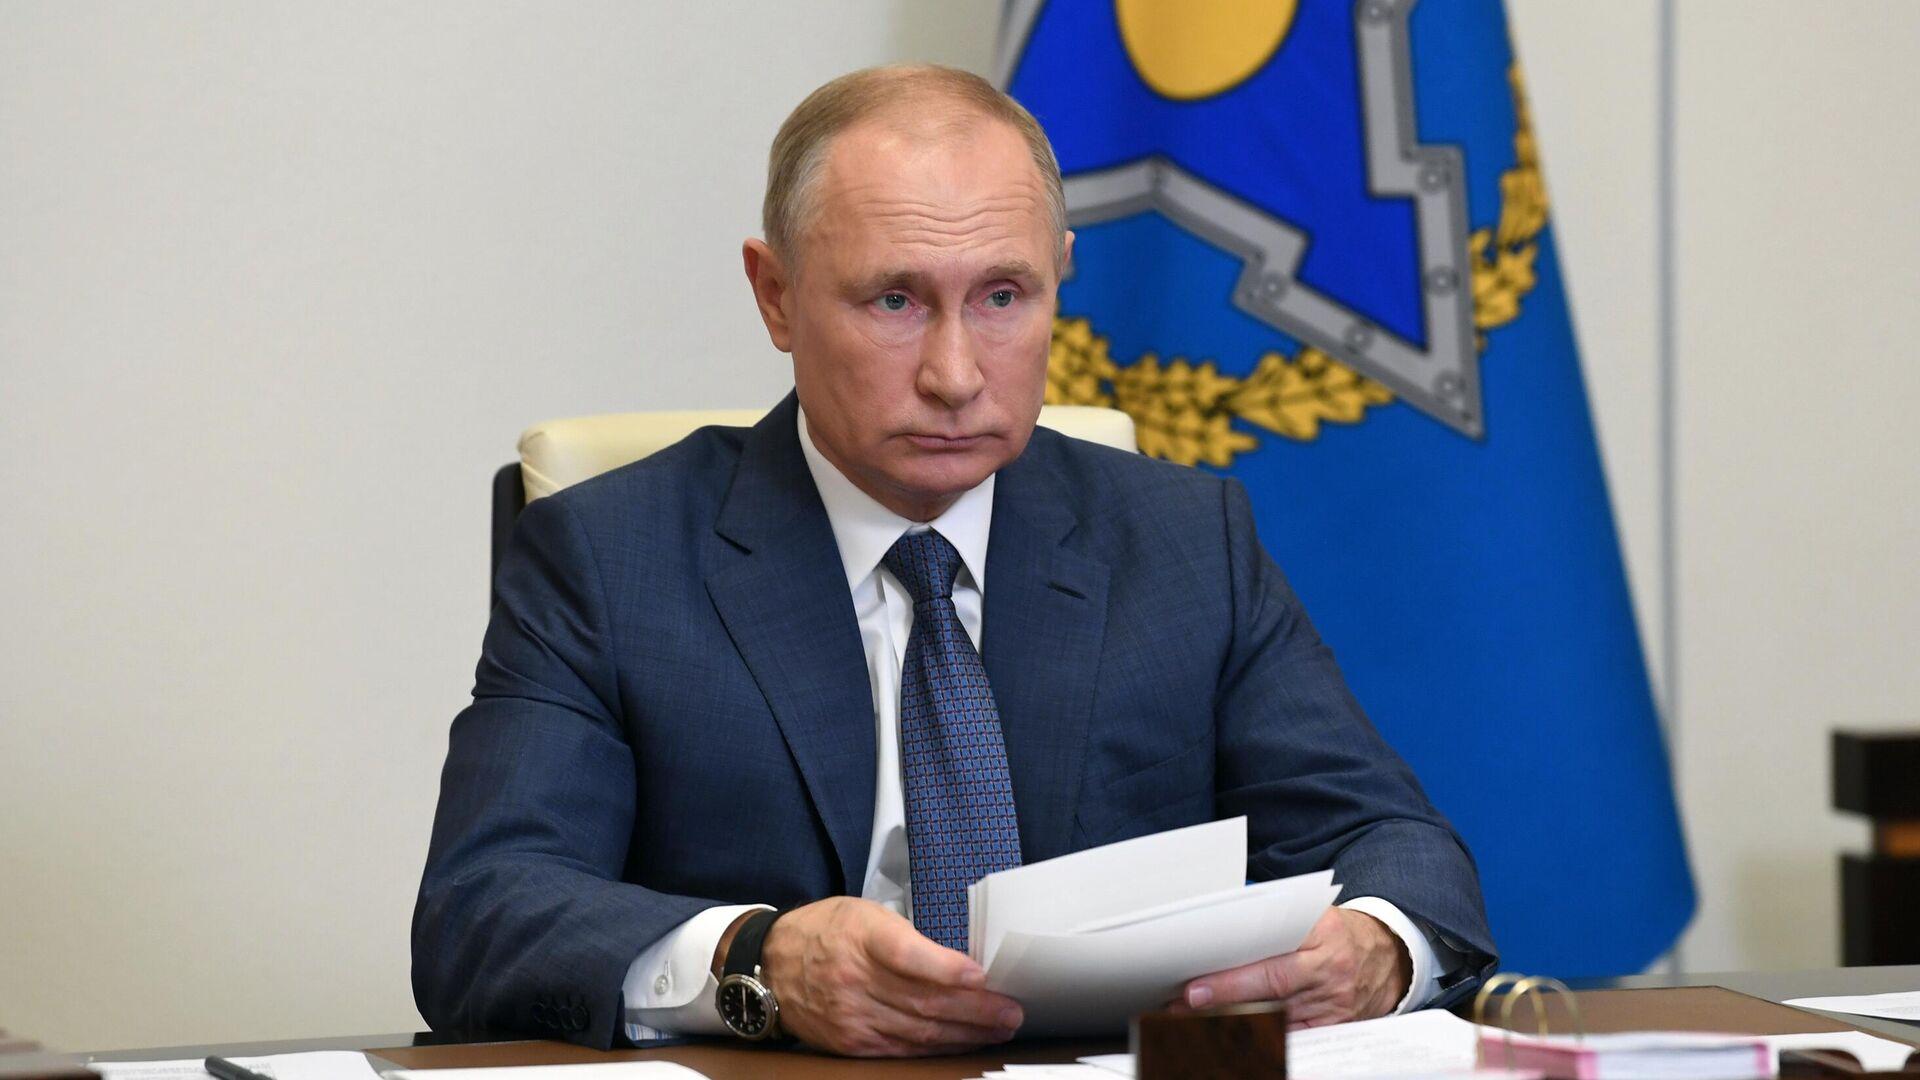 Президент РФ Владимир Путин проводит сессию Совета коллективной безопасности ОДКБ - РИА Новости, 1920, 02.12.2020